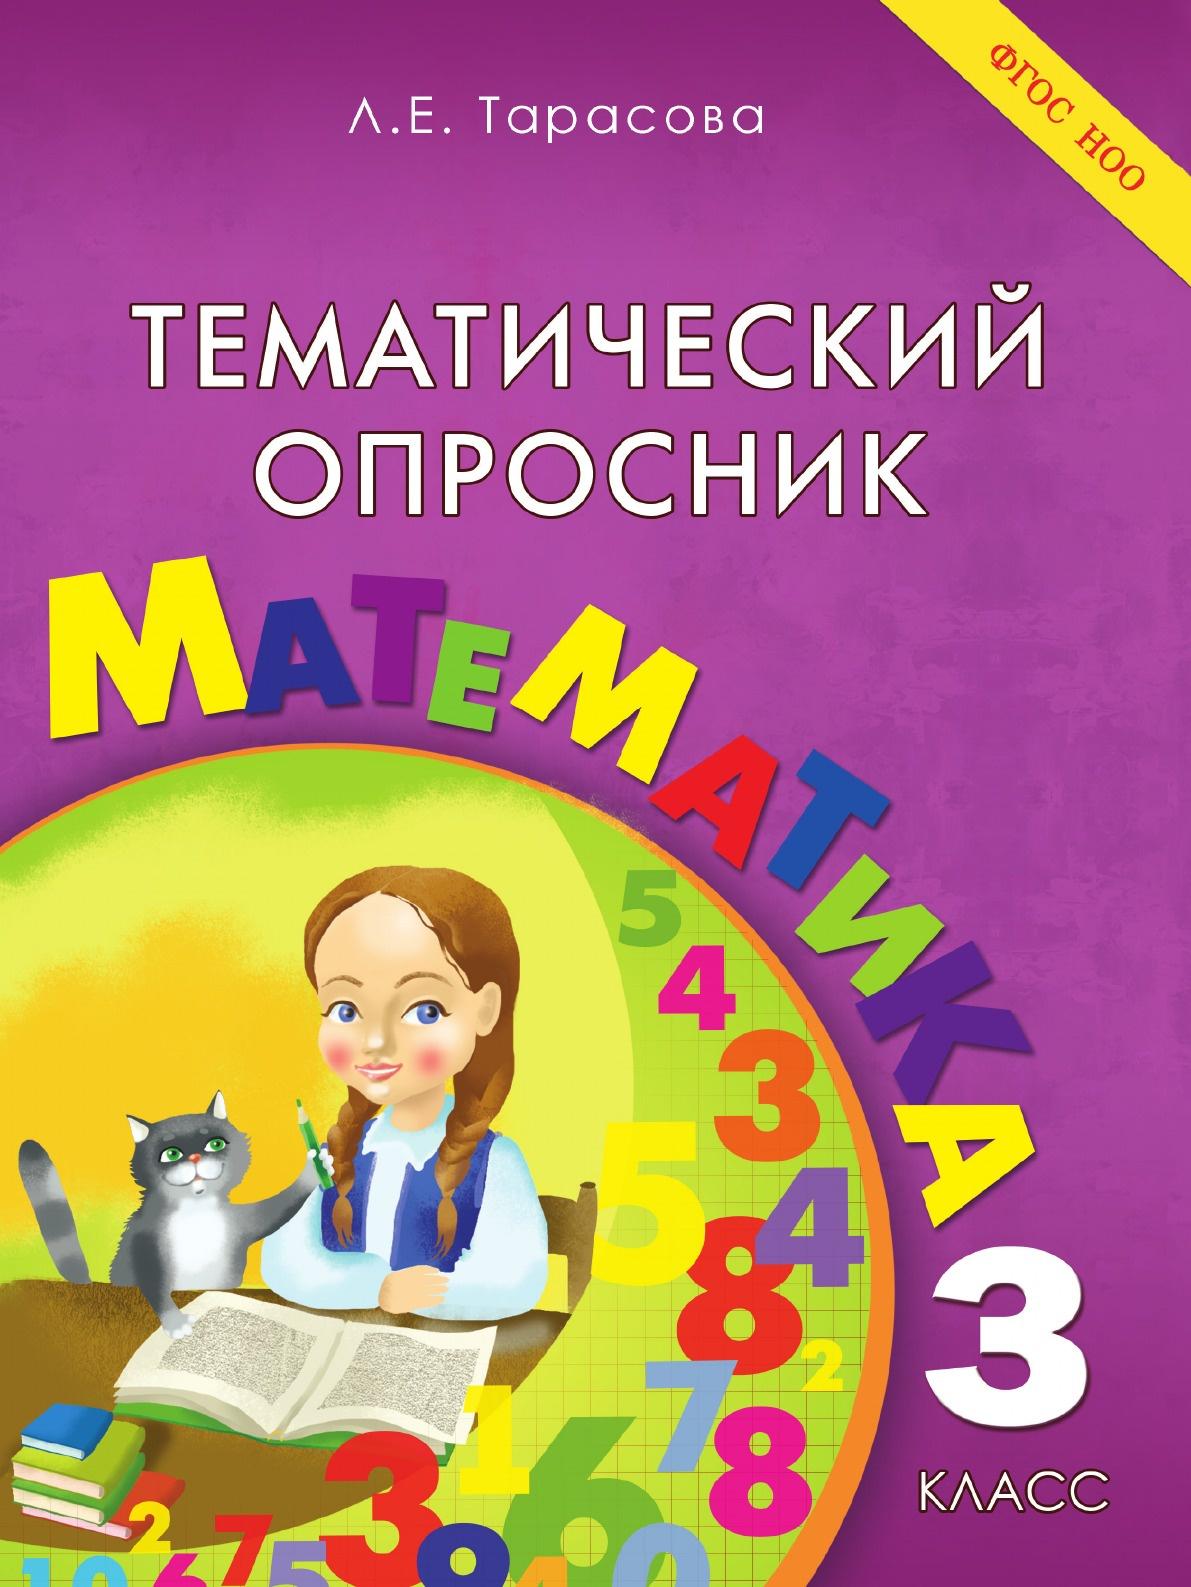 Тарасова Л.Е. Тематический опросник по математике. 3-й класс. ФГОС тарасова л е тематический опросник по математике 3 класс фгос